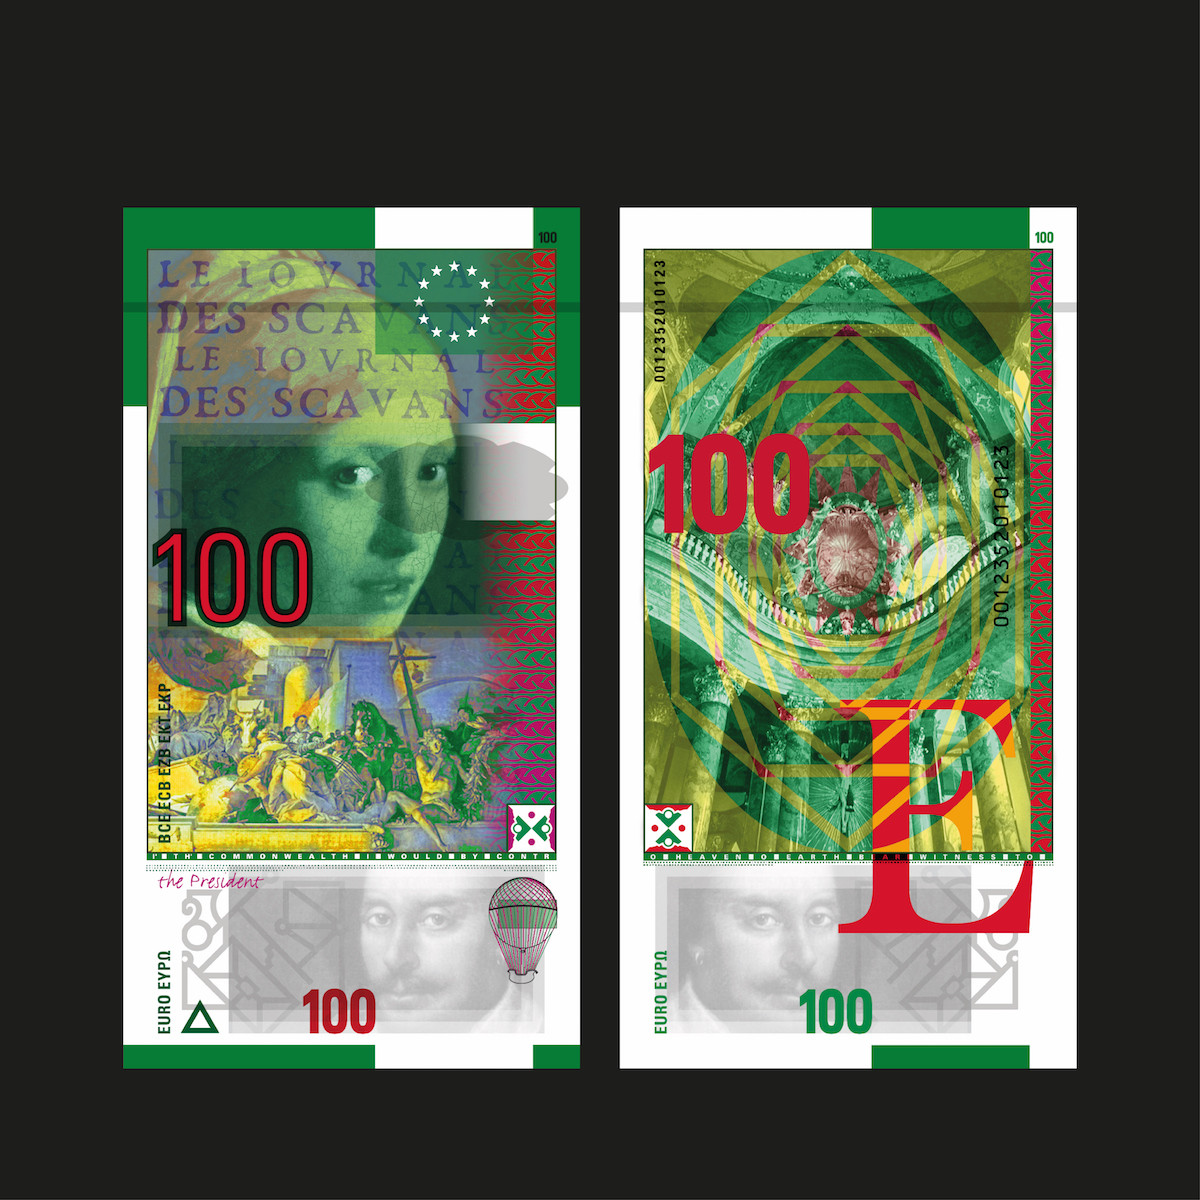 Billet100euros.jpg